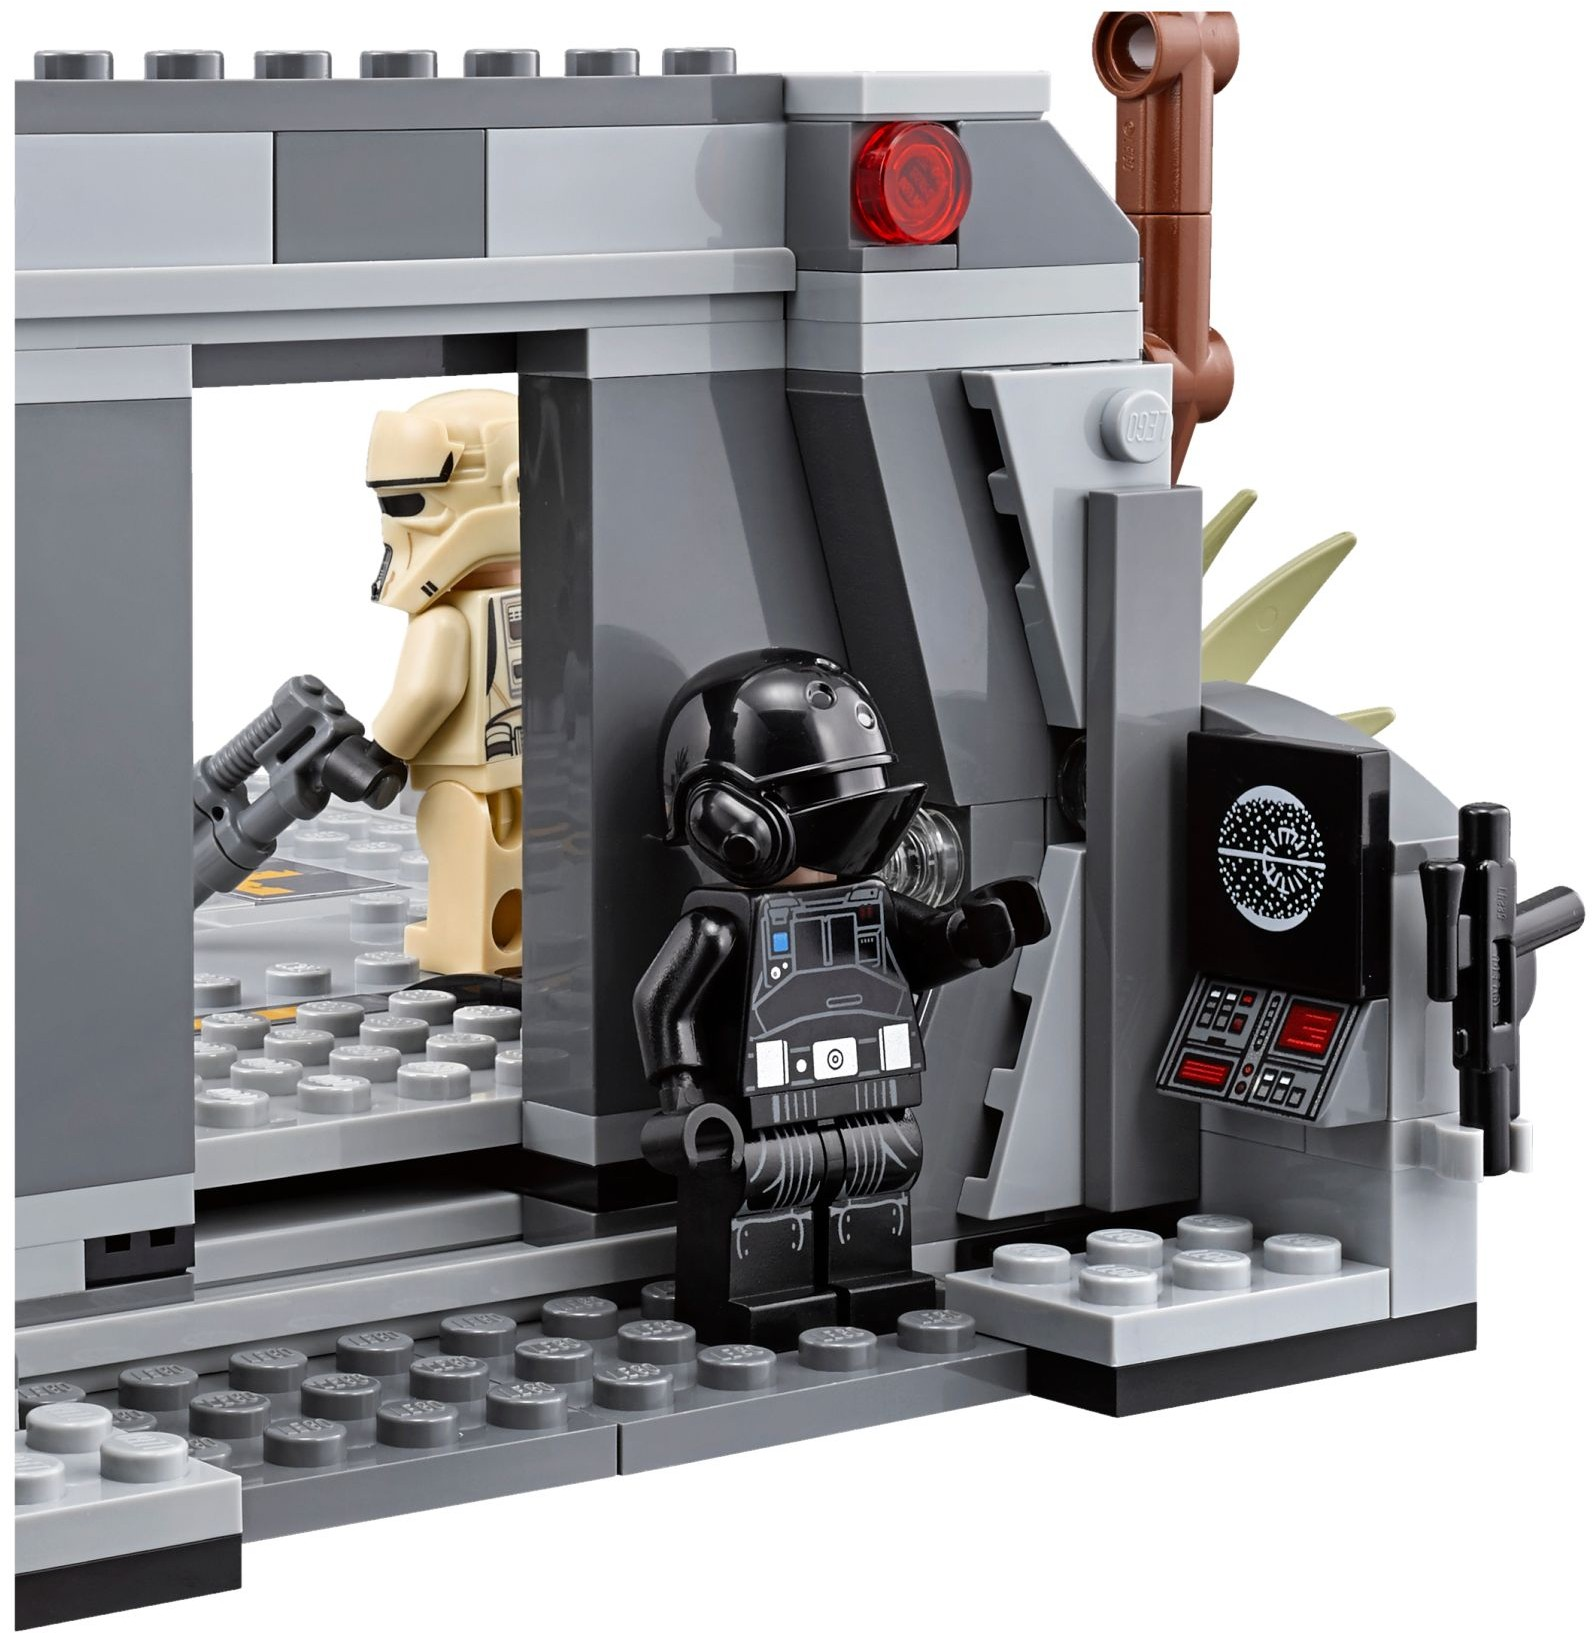 https://i2.wp.com/images.brickset.com/sets/AdditionalImages/75171-1/75171_alt4.jpg